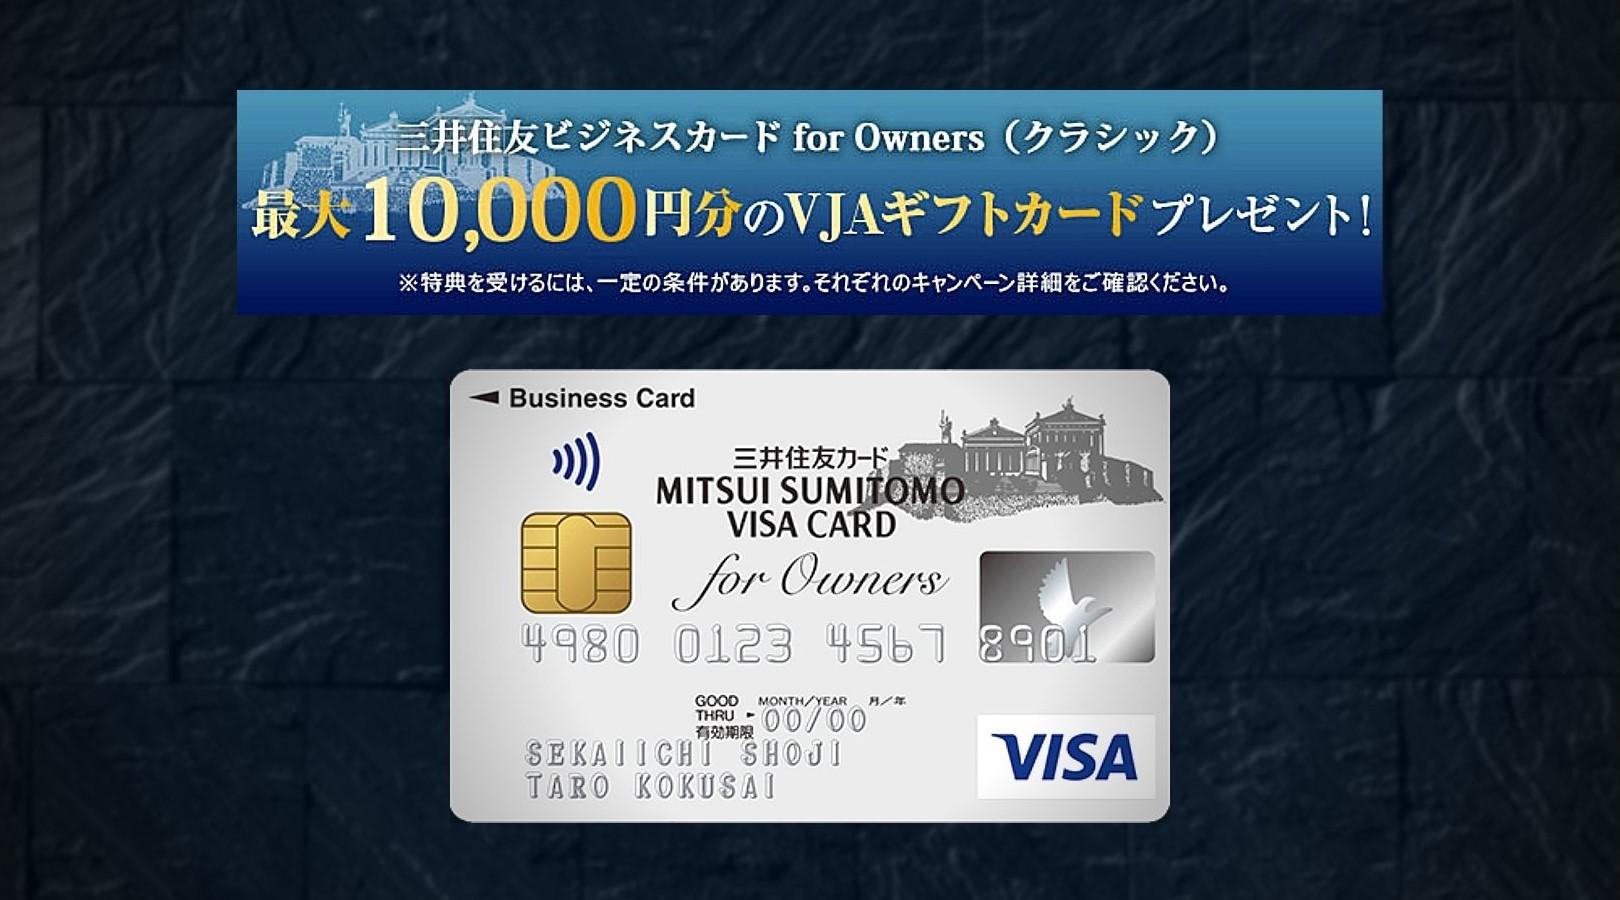 三井住友ビジネスカード for Owners キャンペーン 2021年